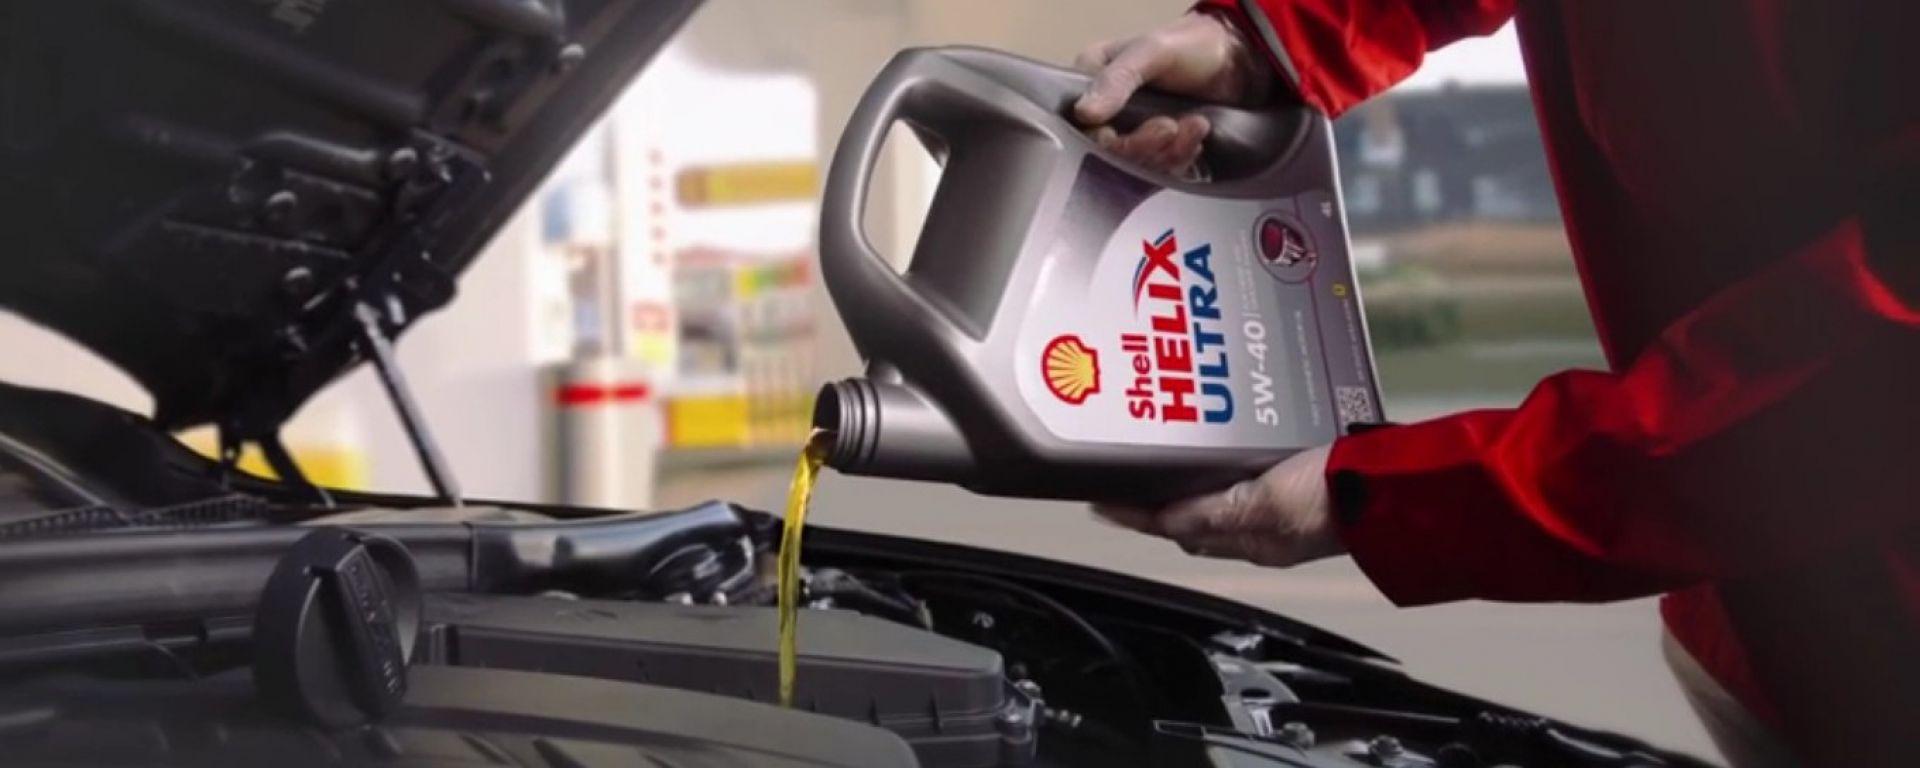 Come fare il check up estivo dell'auto: hai controllato l'olio?